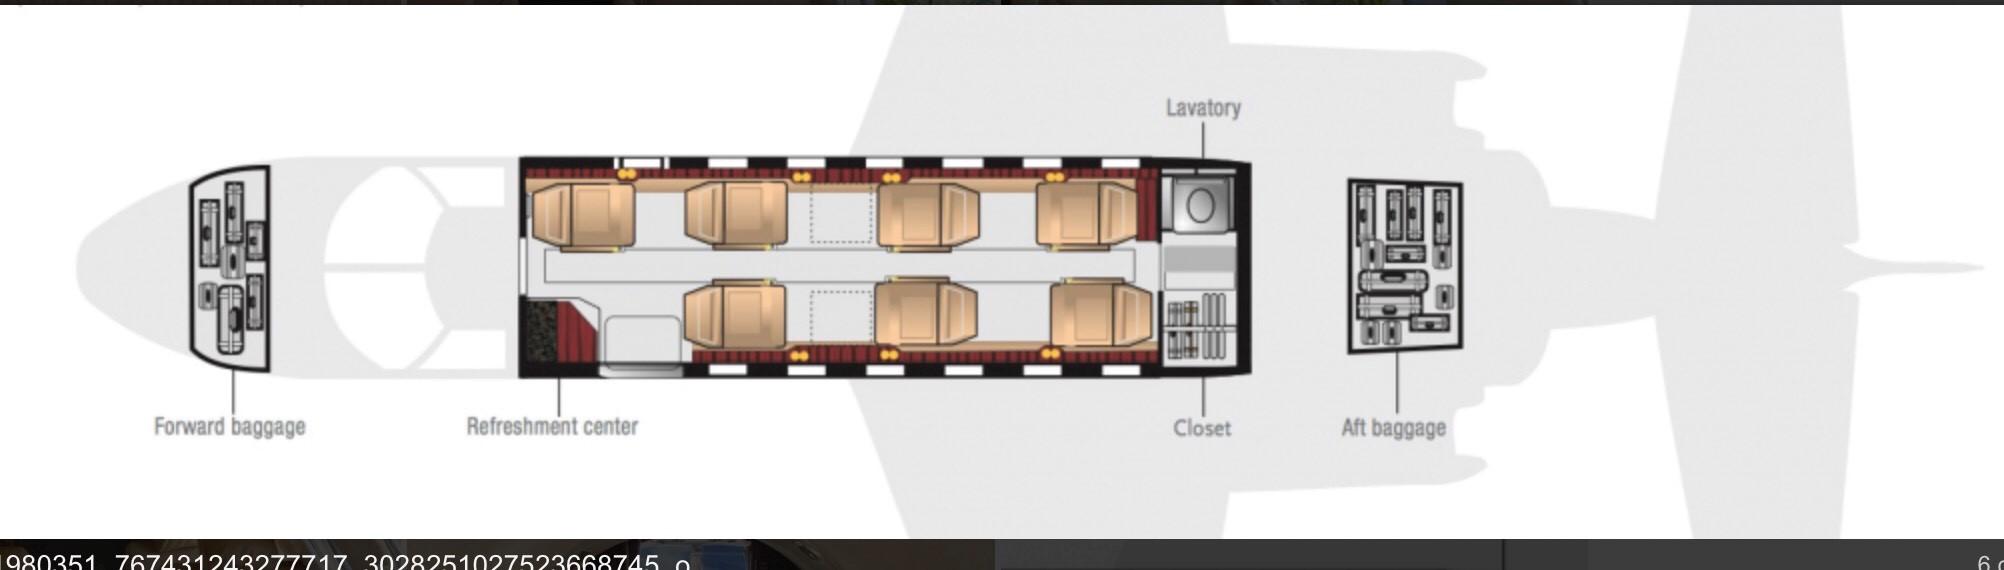 ultra seat plan.jpg